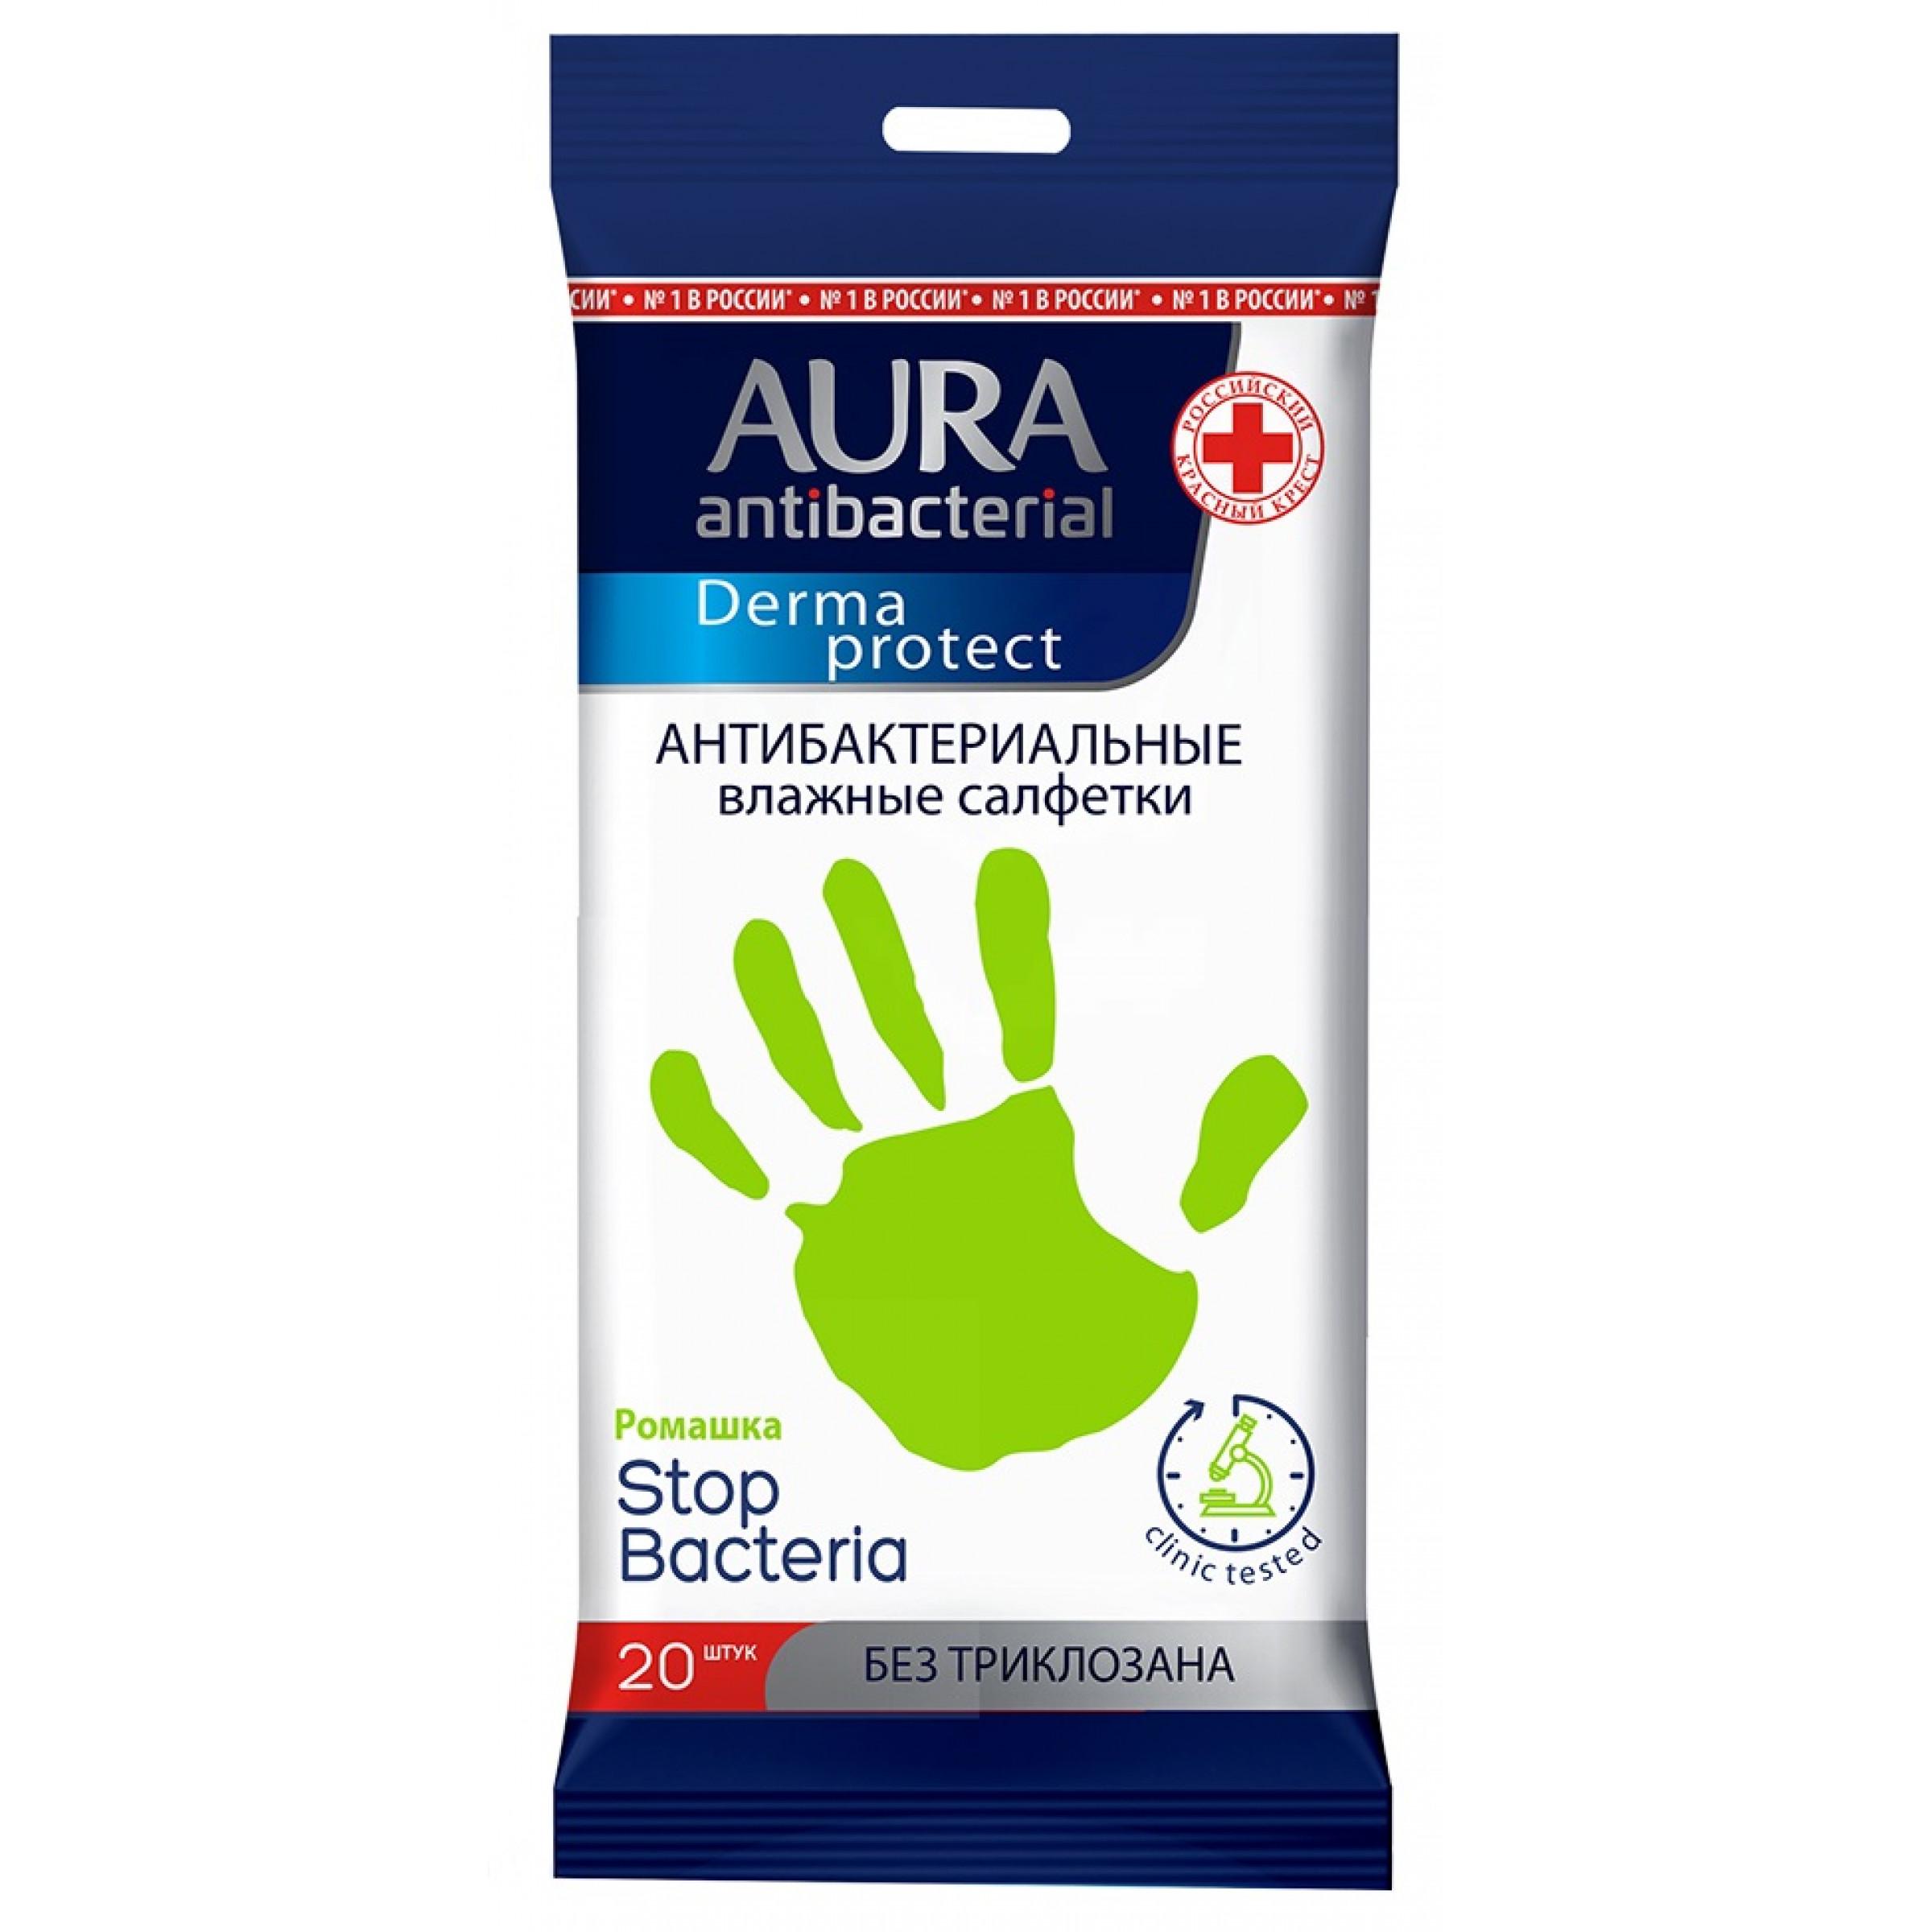 Салфетки влажные антибактериальные AURA Derma Protect Ромашка, 20 шт